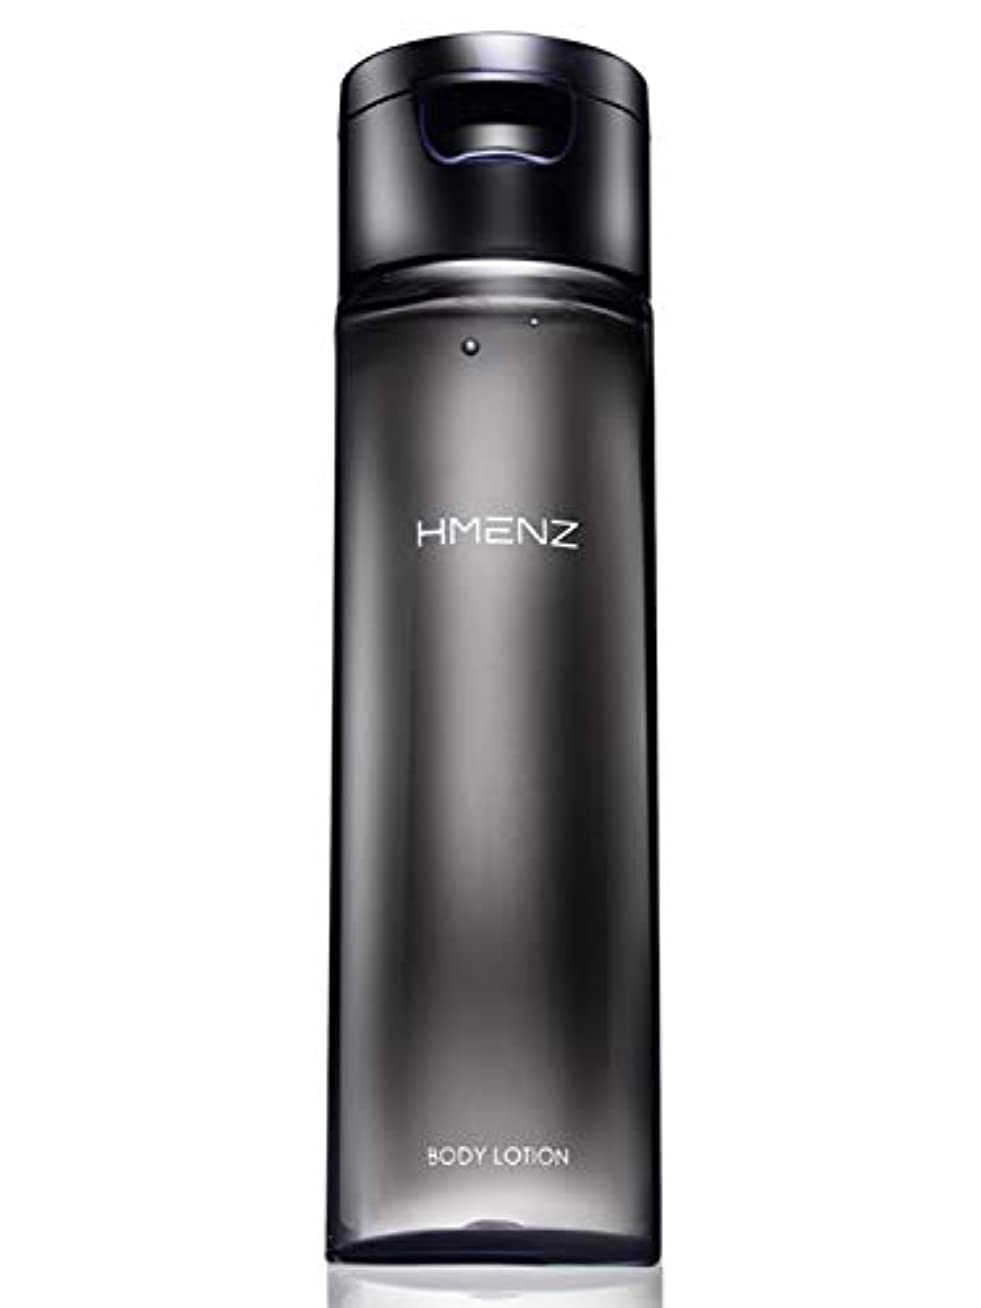 【 除毛後のムダ毛対策 】HMENZ メンズ アフターシェーブローション 【 青ヒゲ対策にも 】(髭 vio すね毛 顔 全身 男性用 化粧水 髭剃り後のケア)250ml